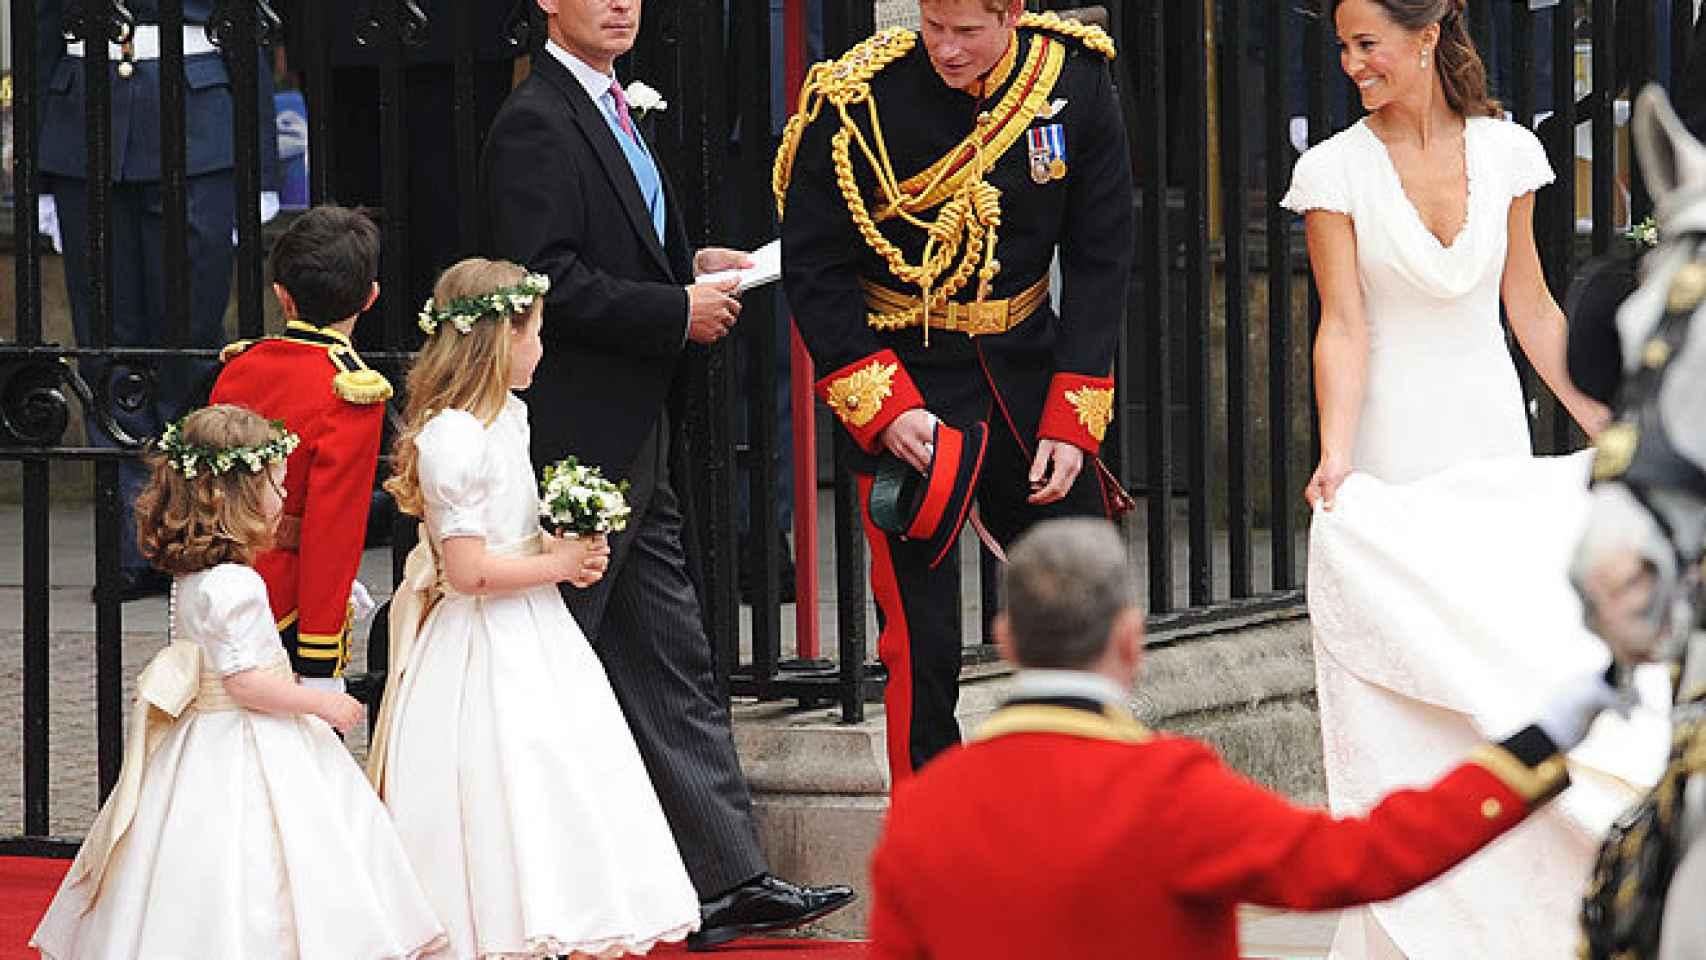 Harry en la boda de su hermano y Kate, junto a Pippa Middleton.